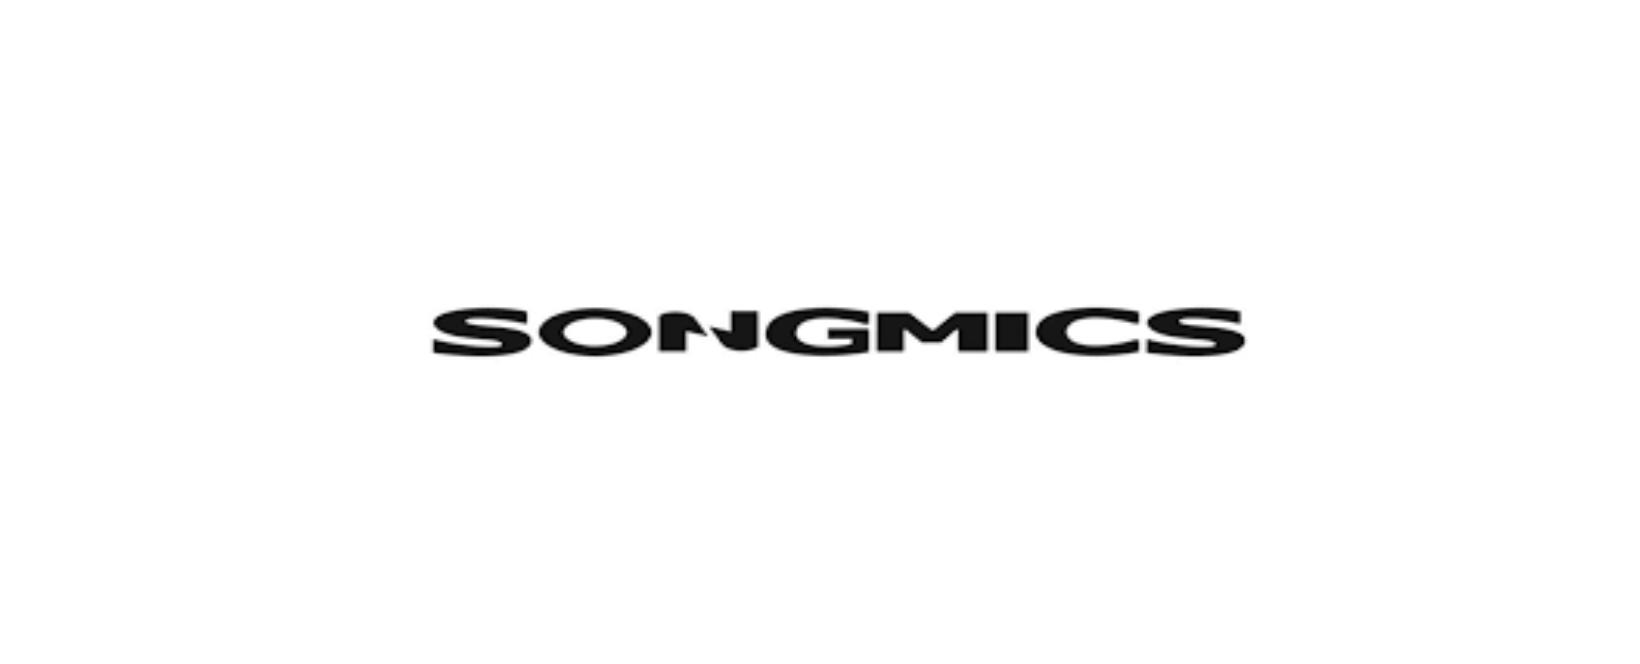 SONGMICS Discount Code 2021